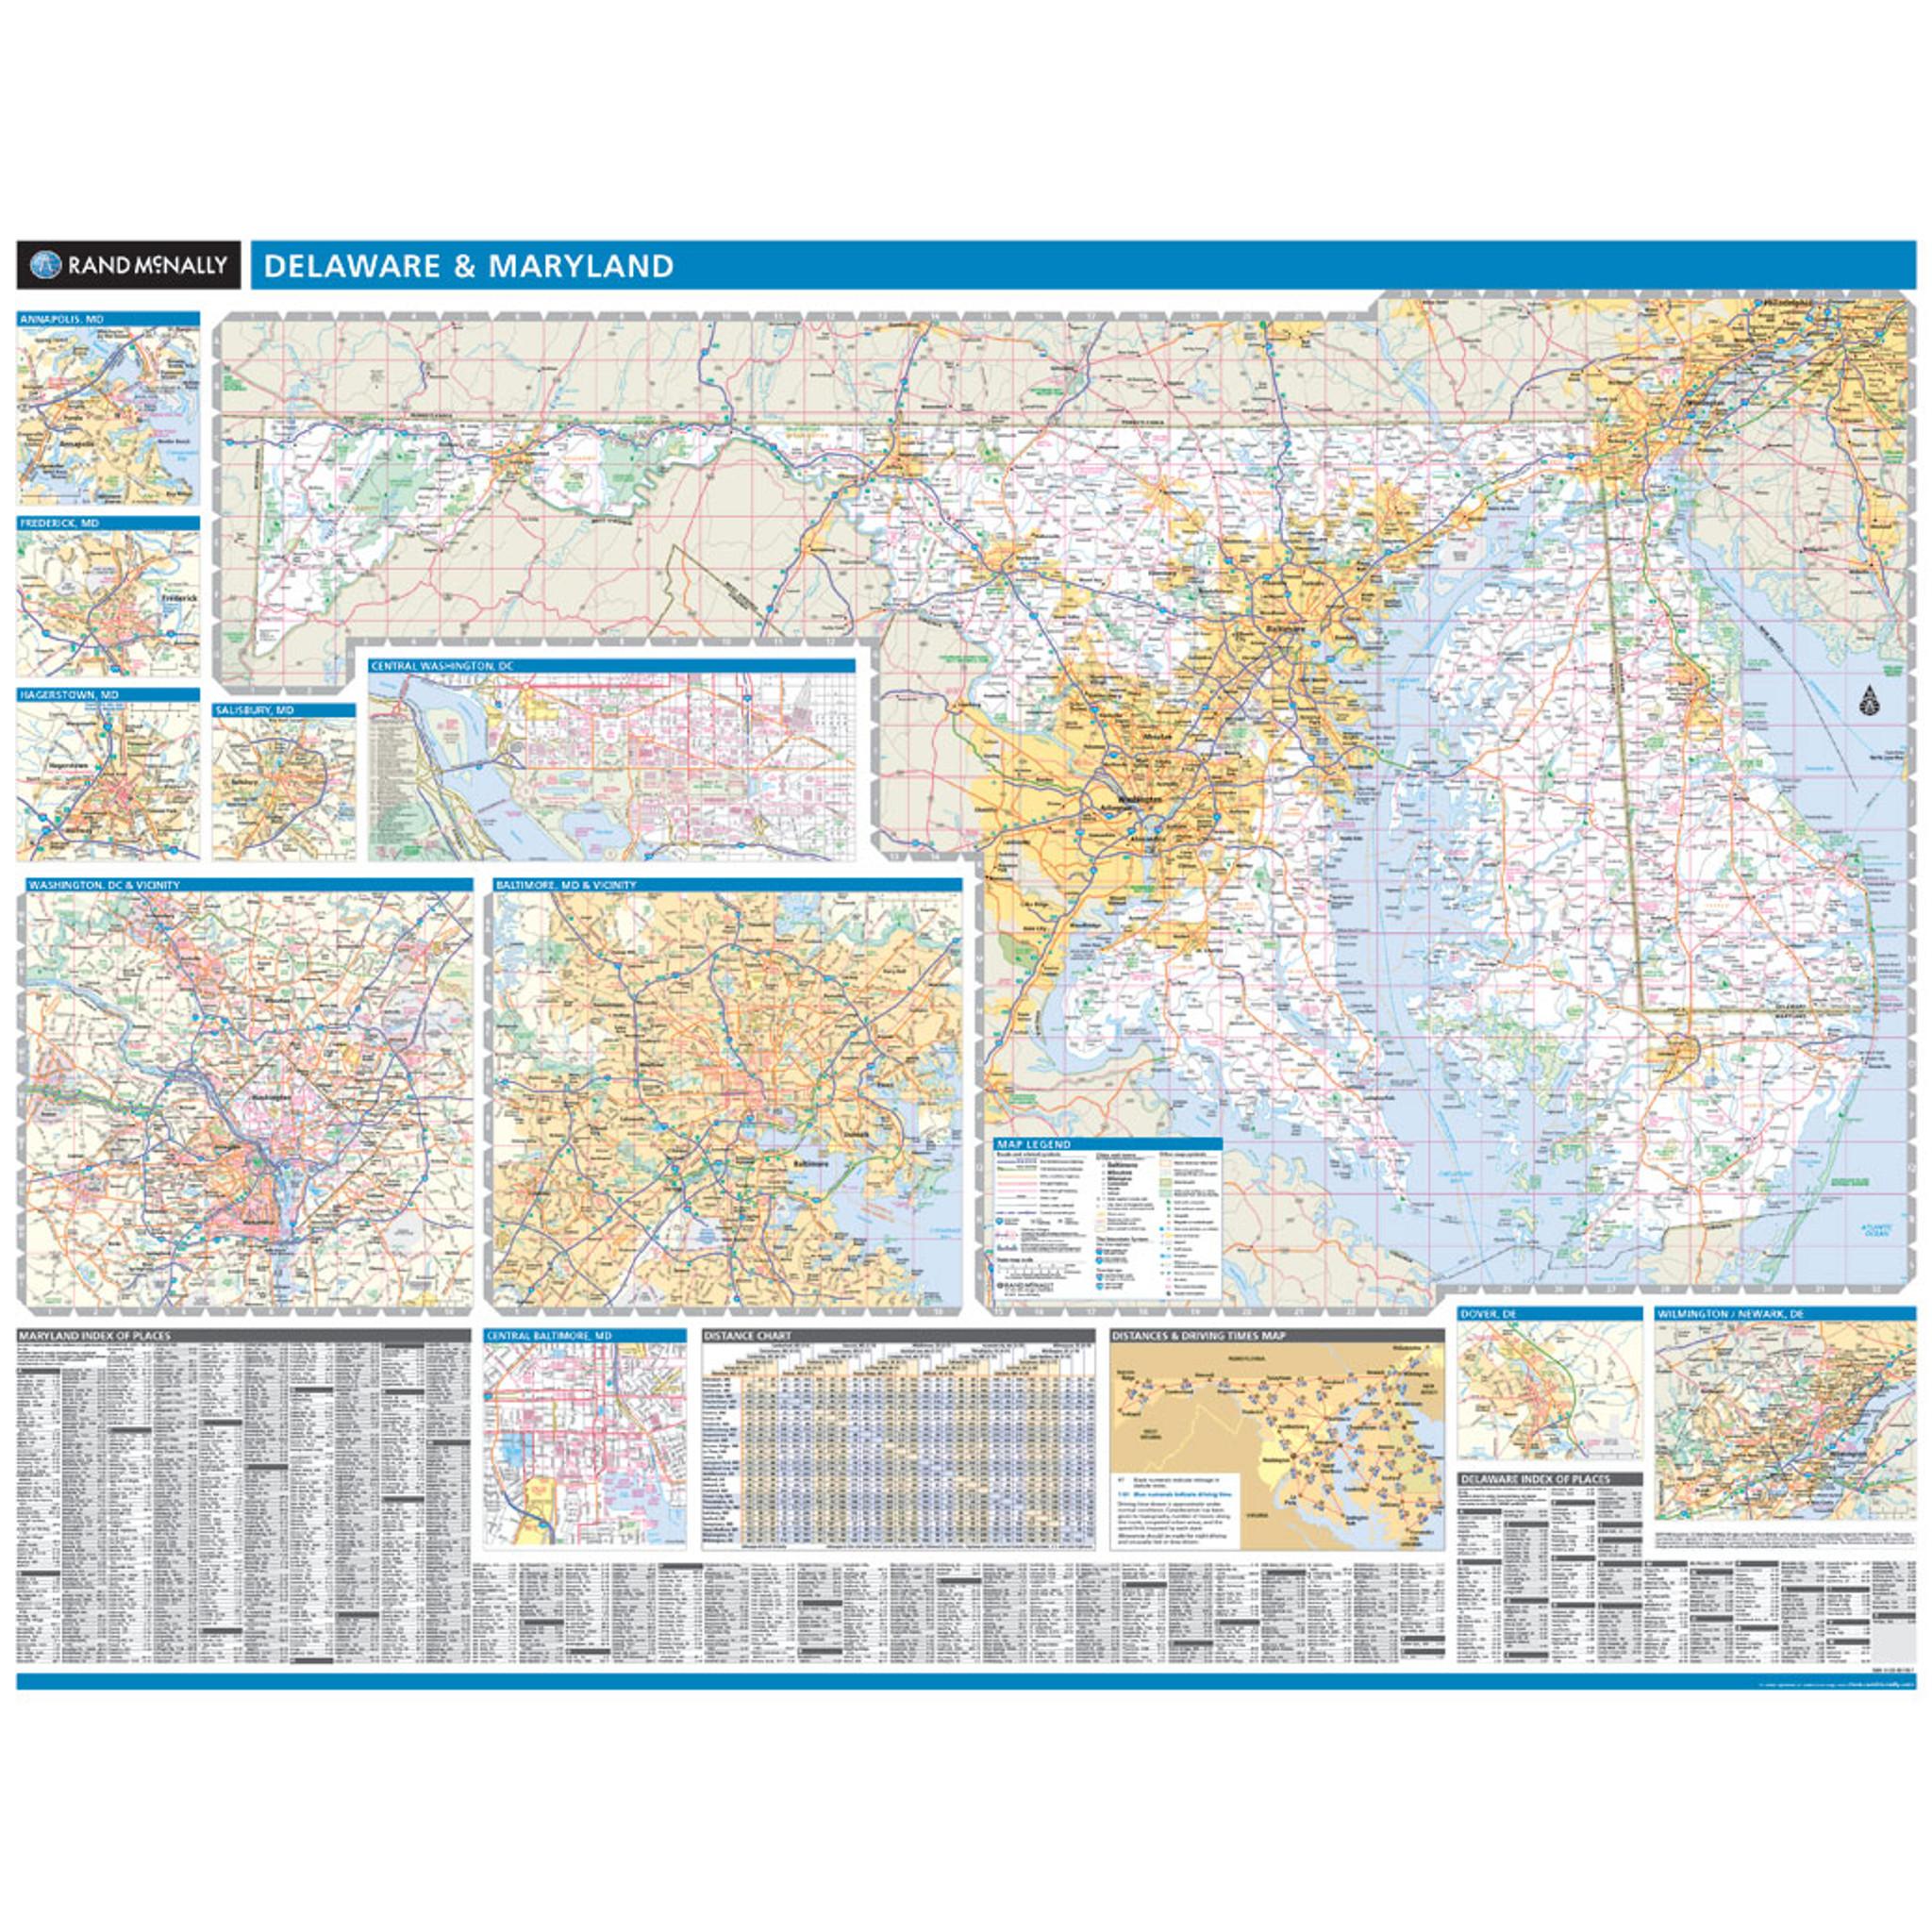 Rand McNally Maryland / Delaware State Wall Map